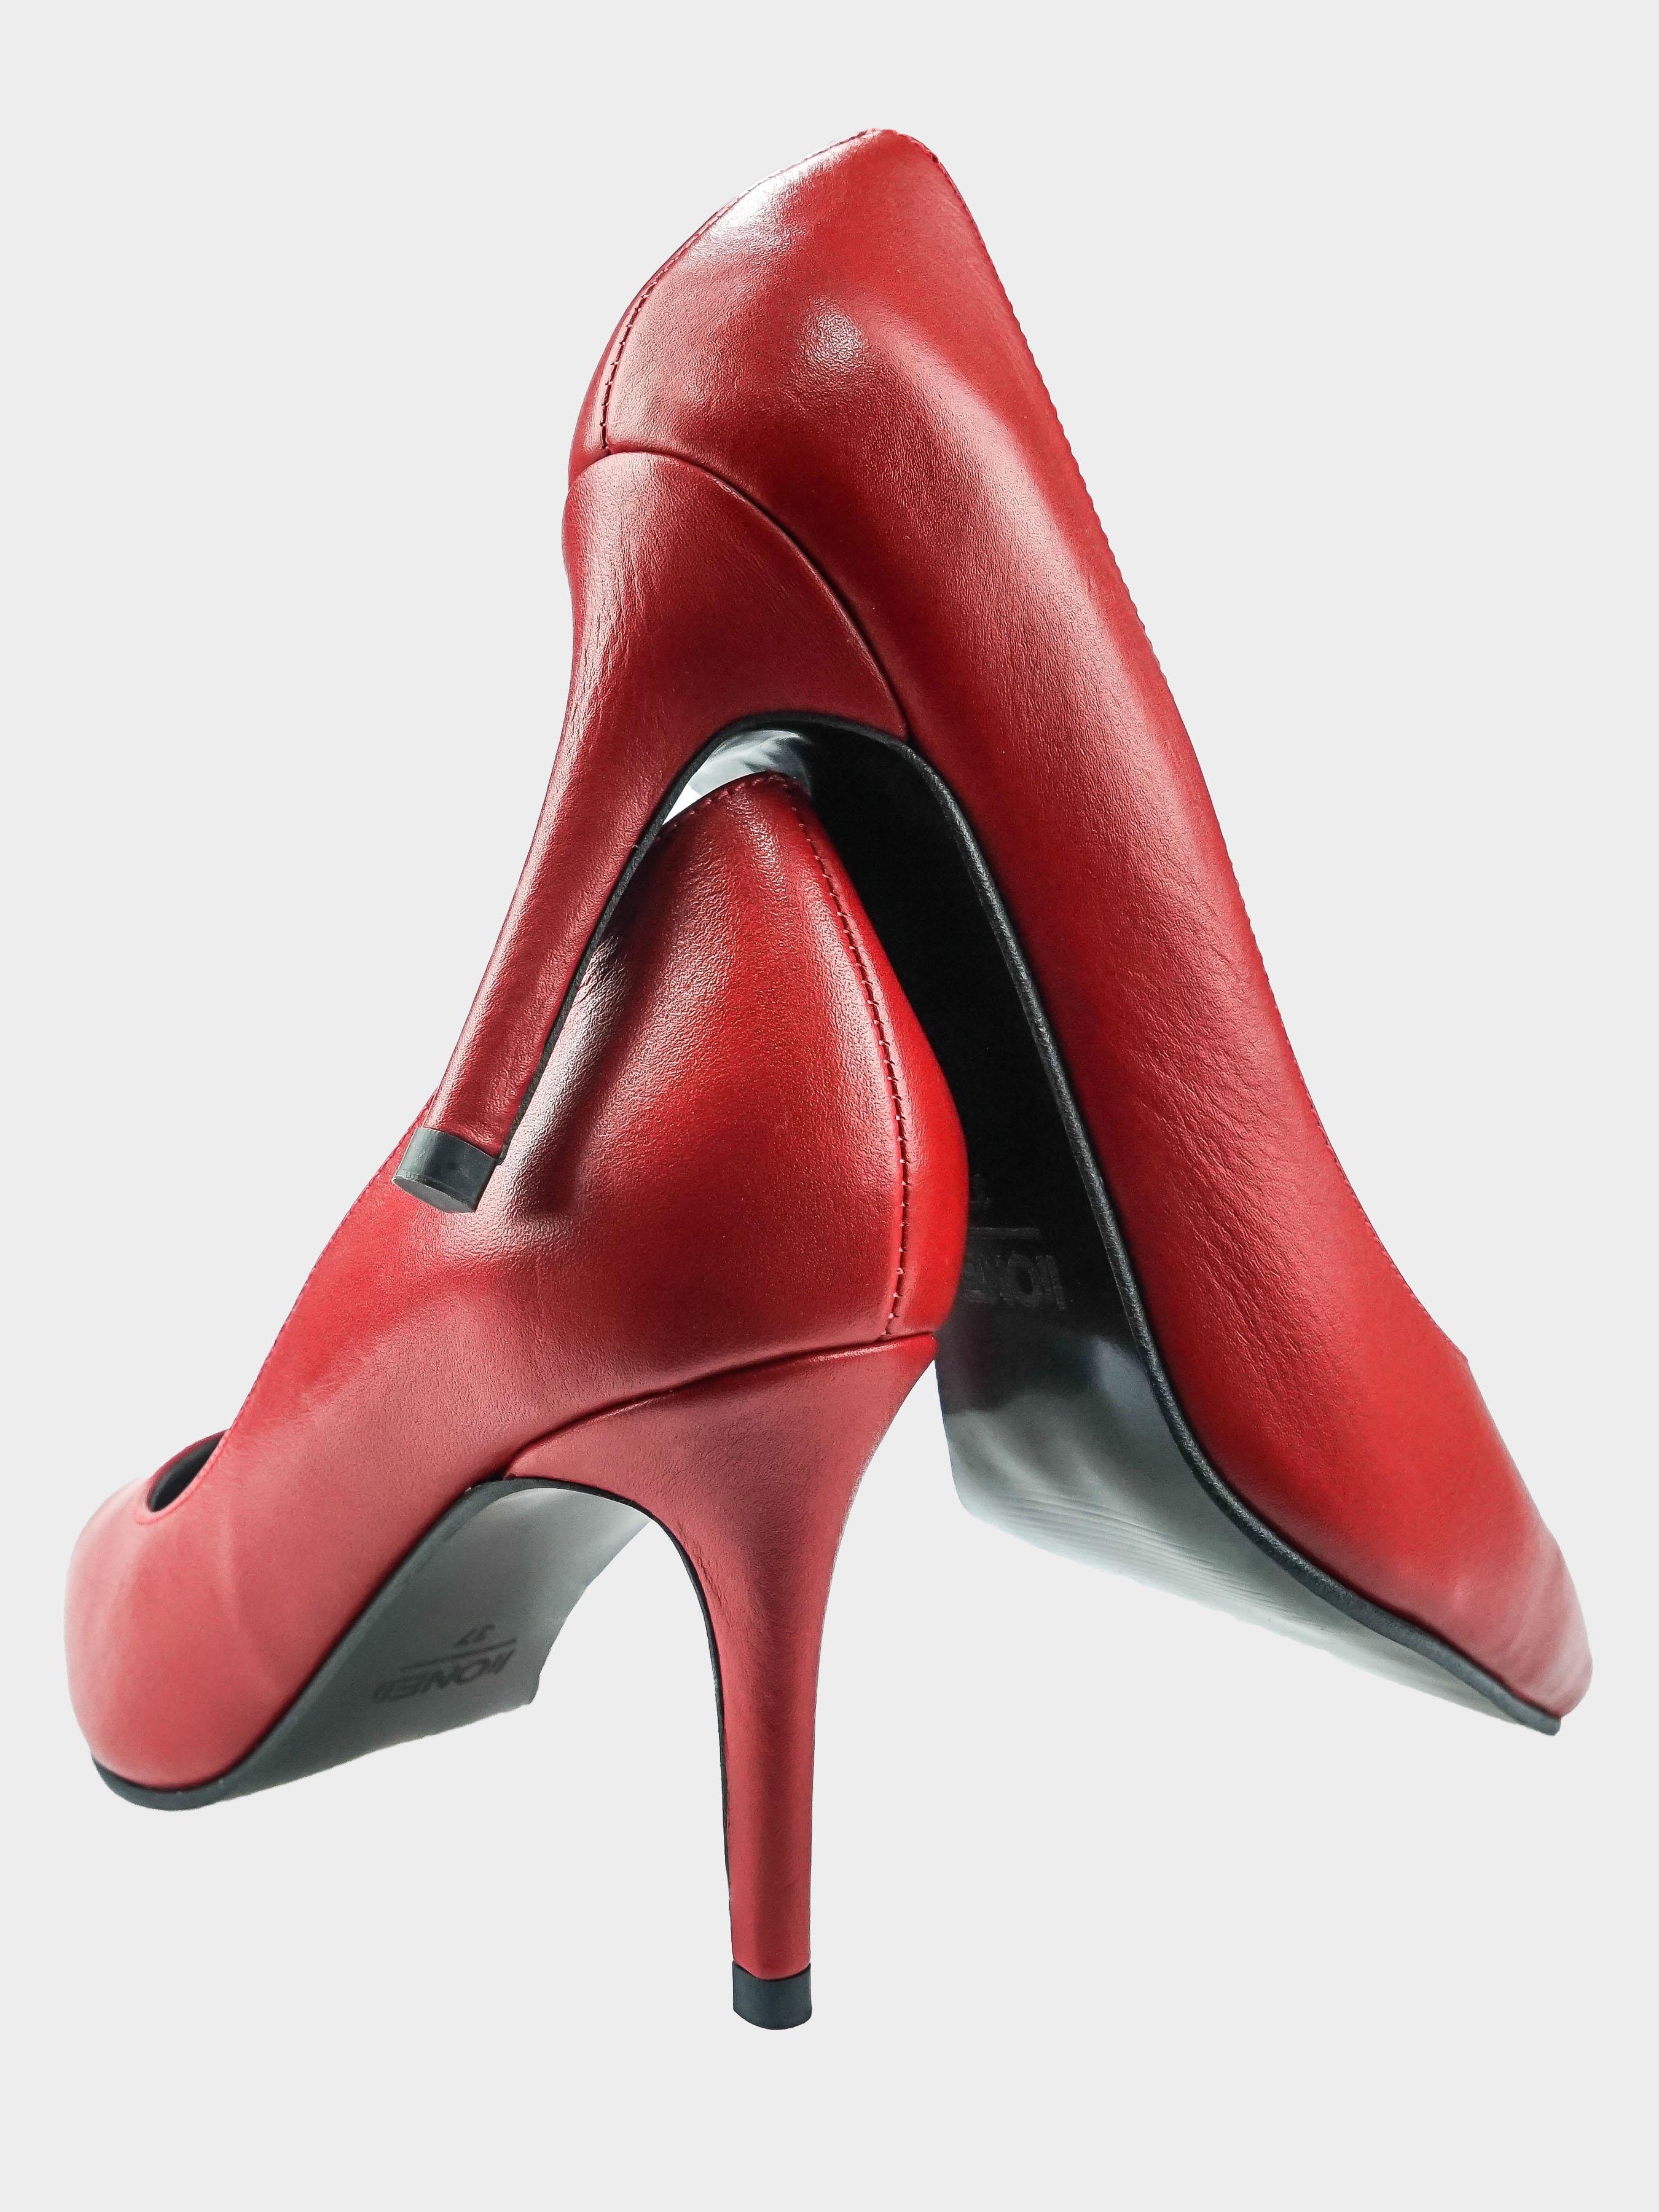 Туфли женские Туфли LQ4803-09 цена, 2017